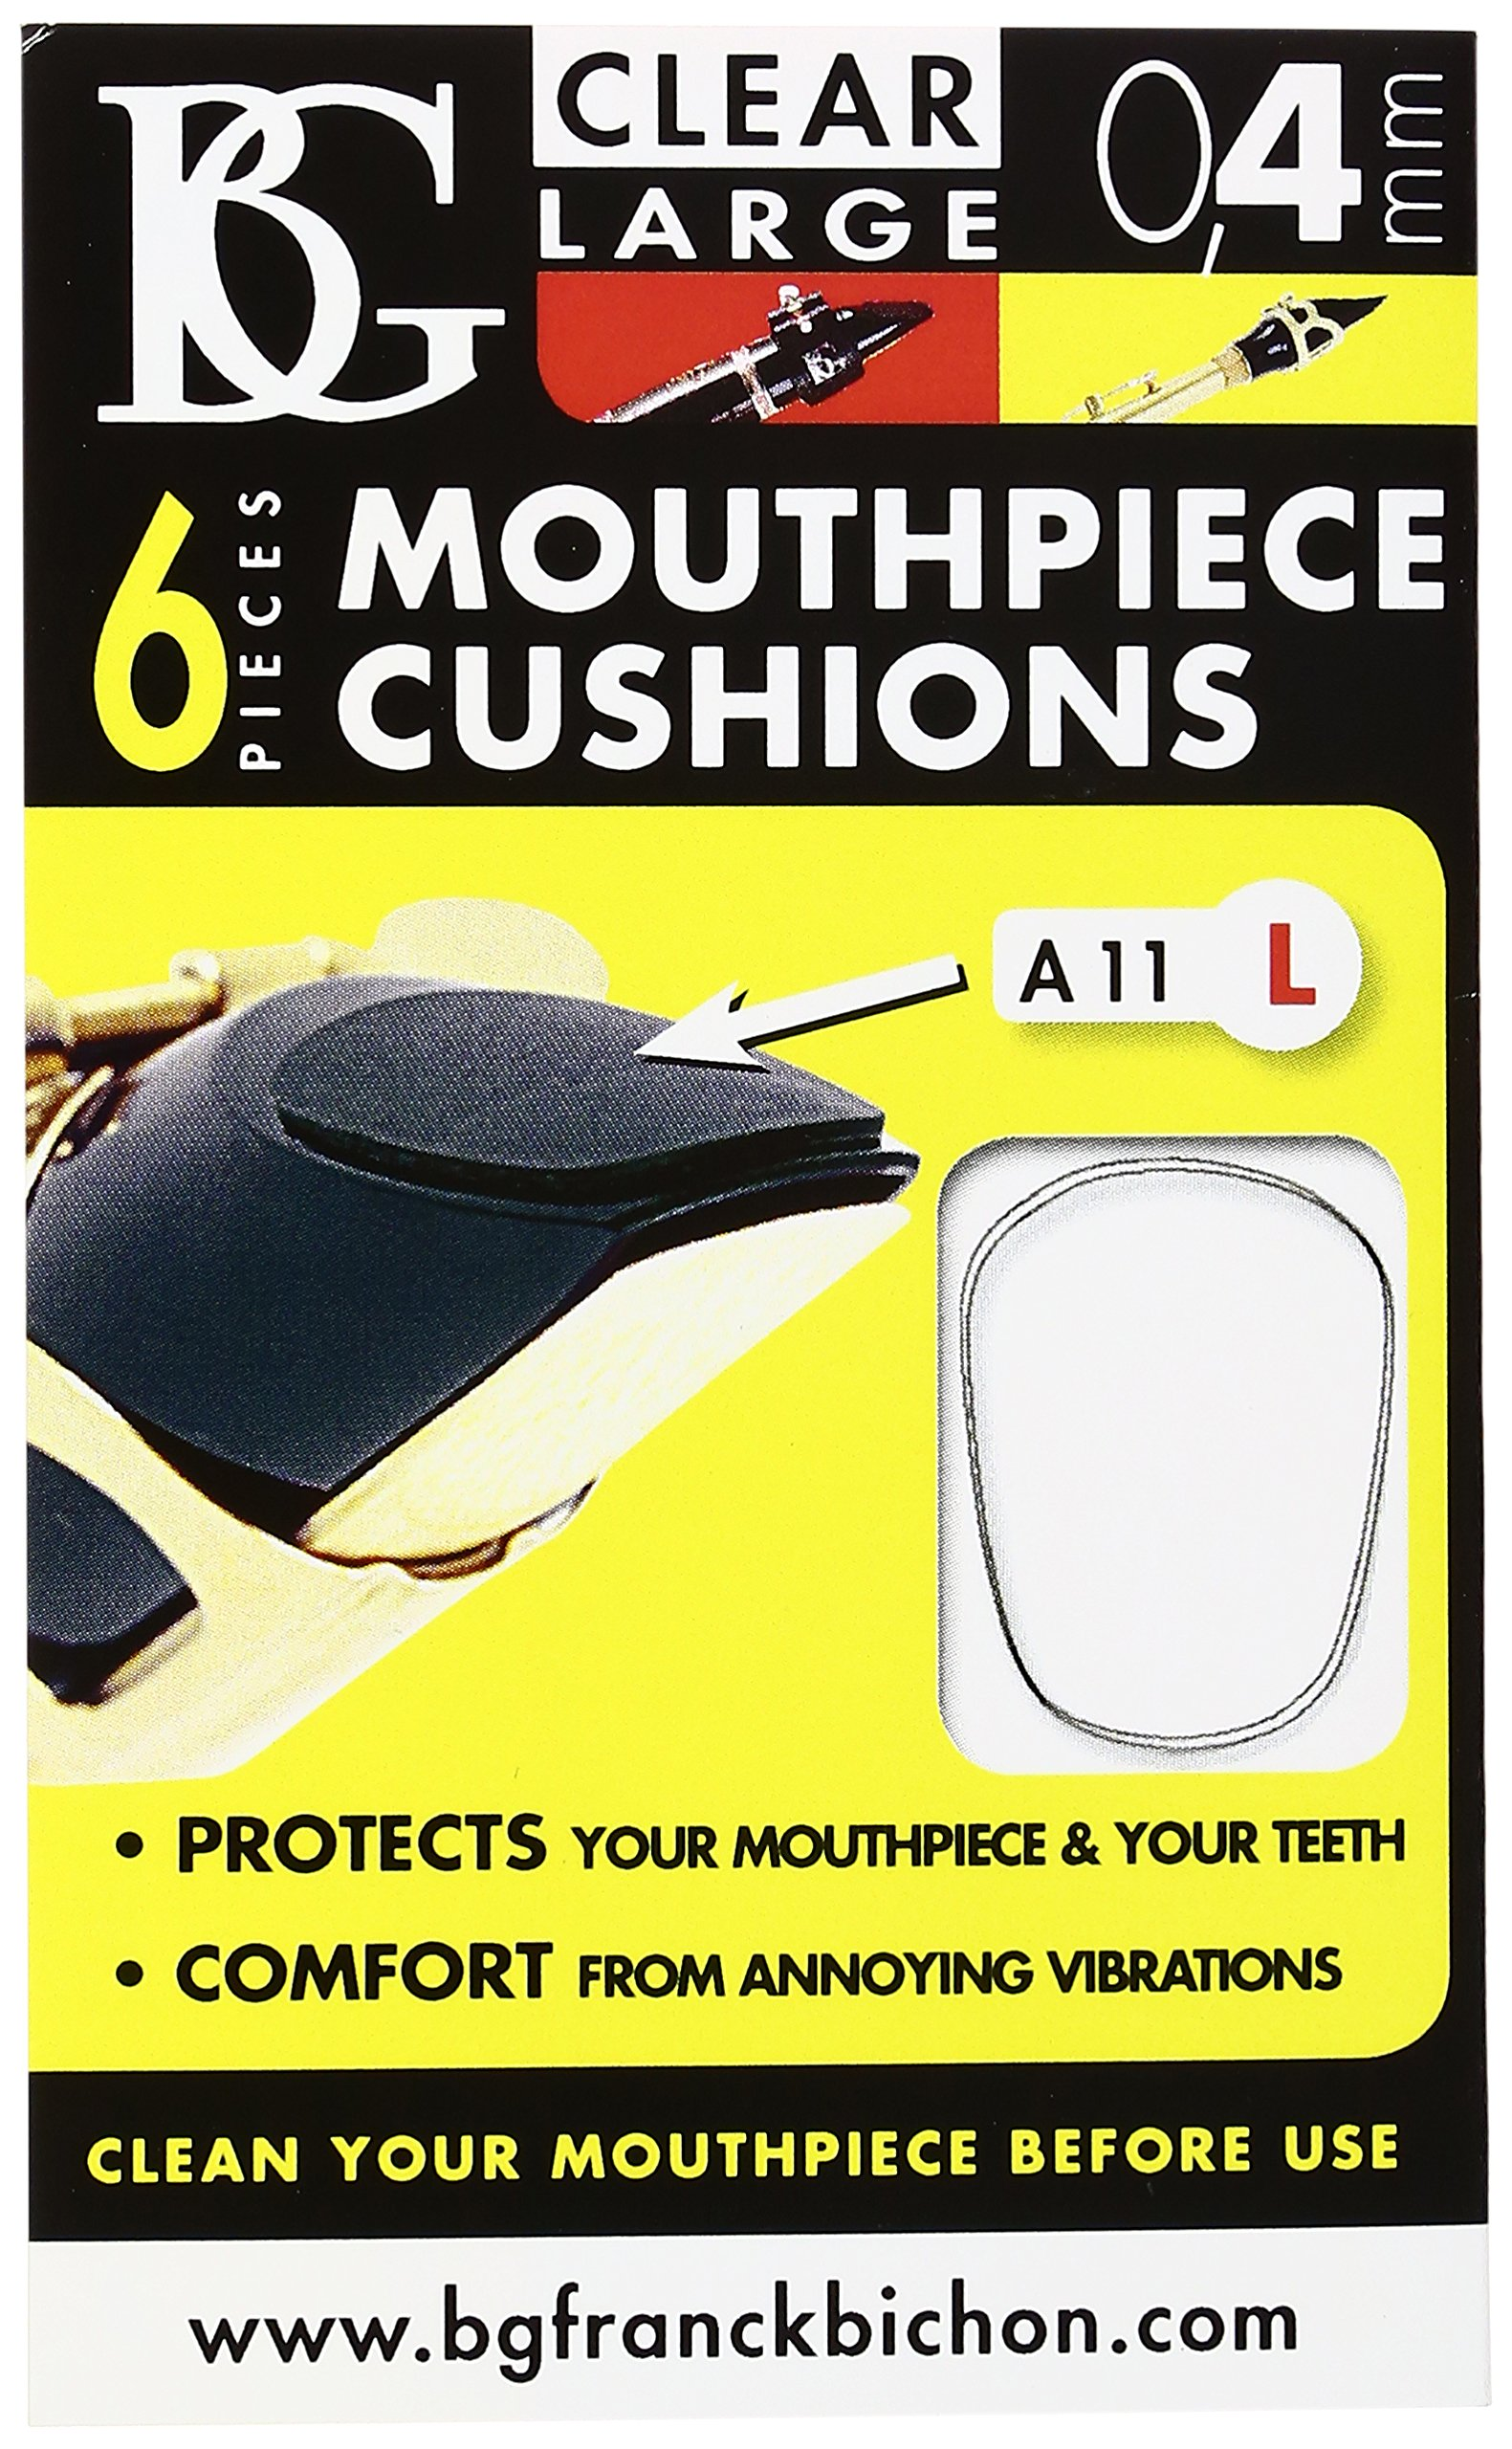 BG A11 L Mouthpiece Patch, Clear, Large 0.4MM, 6 CRT